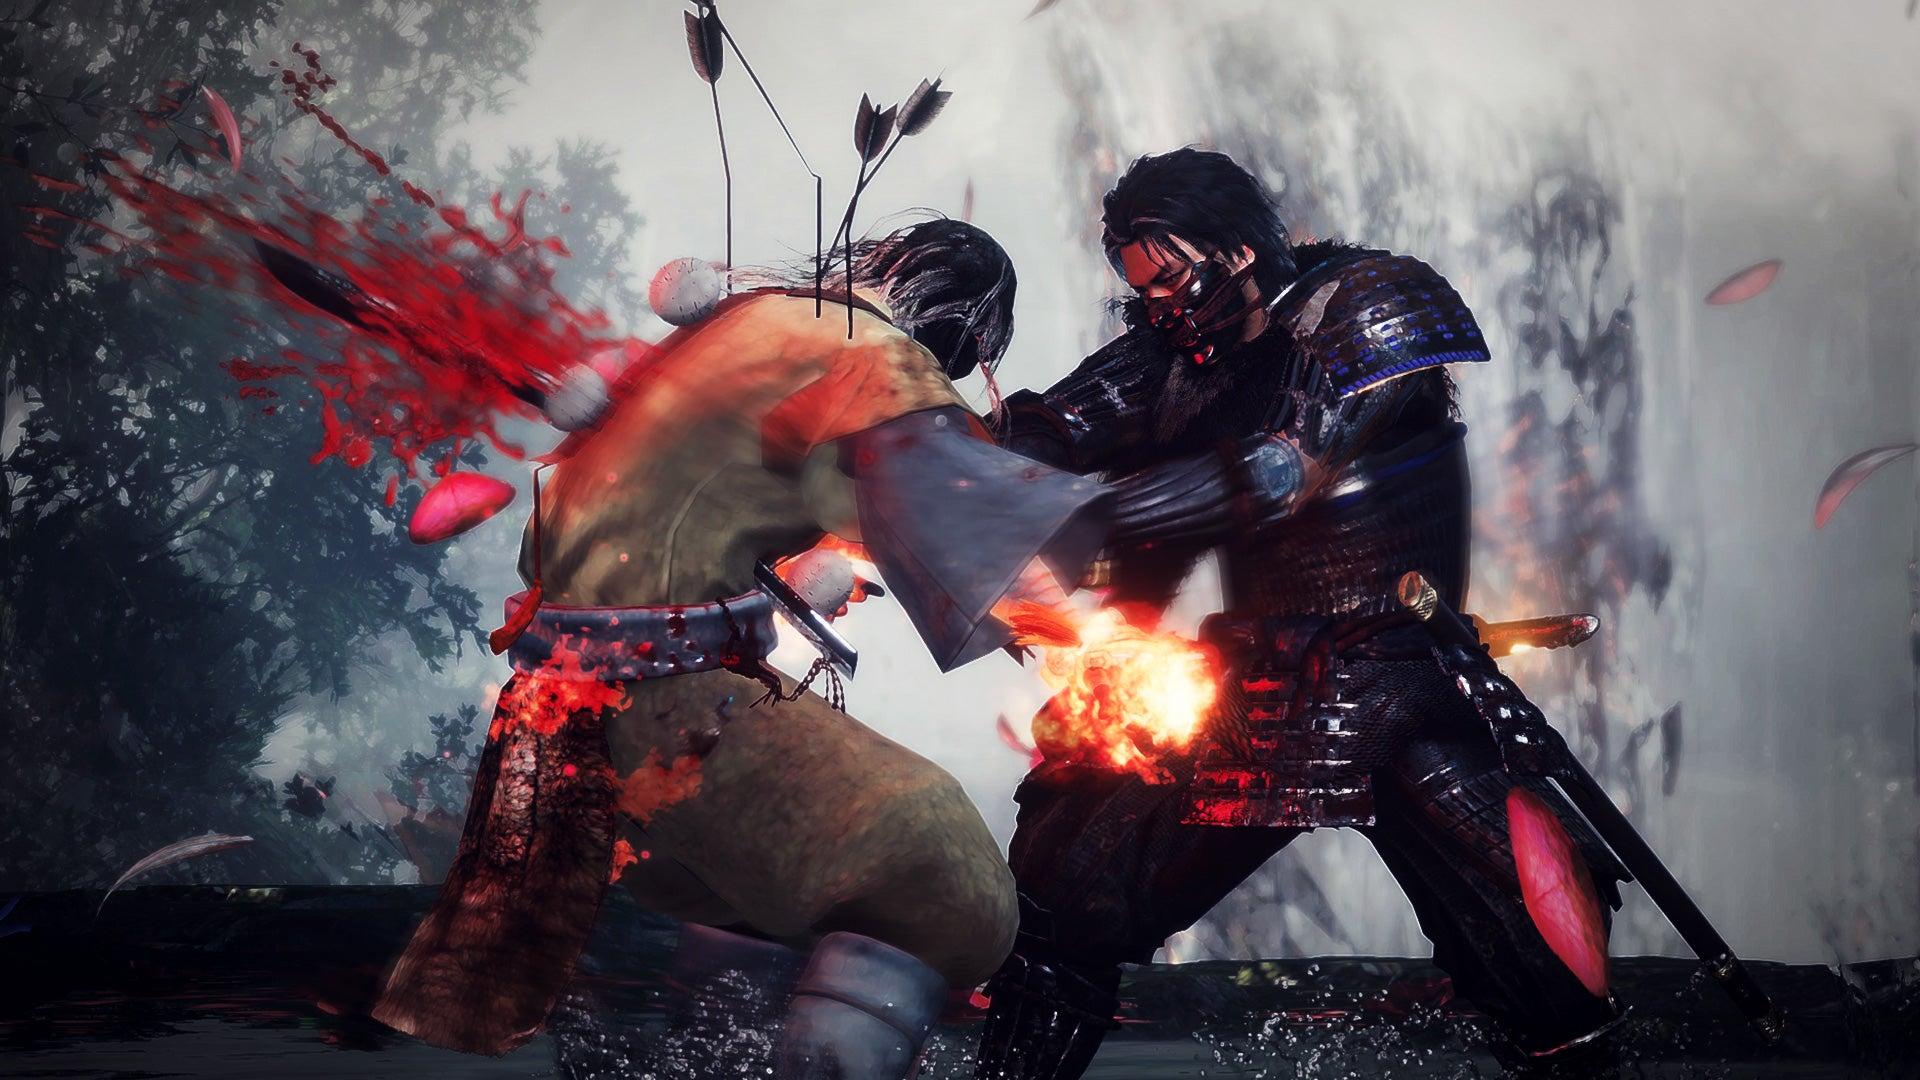 《仁王2:完全版》PC配置需求及新截图 GTX1660爽玩